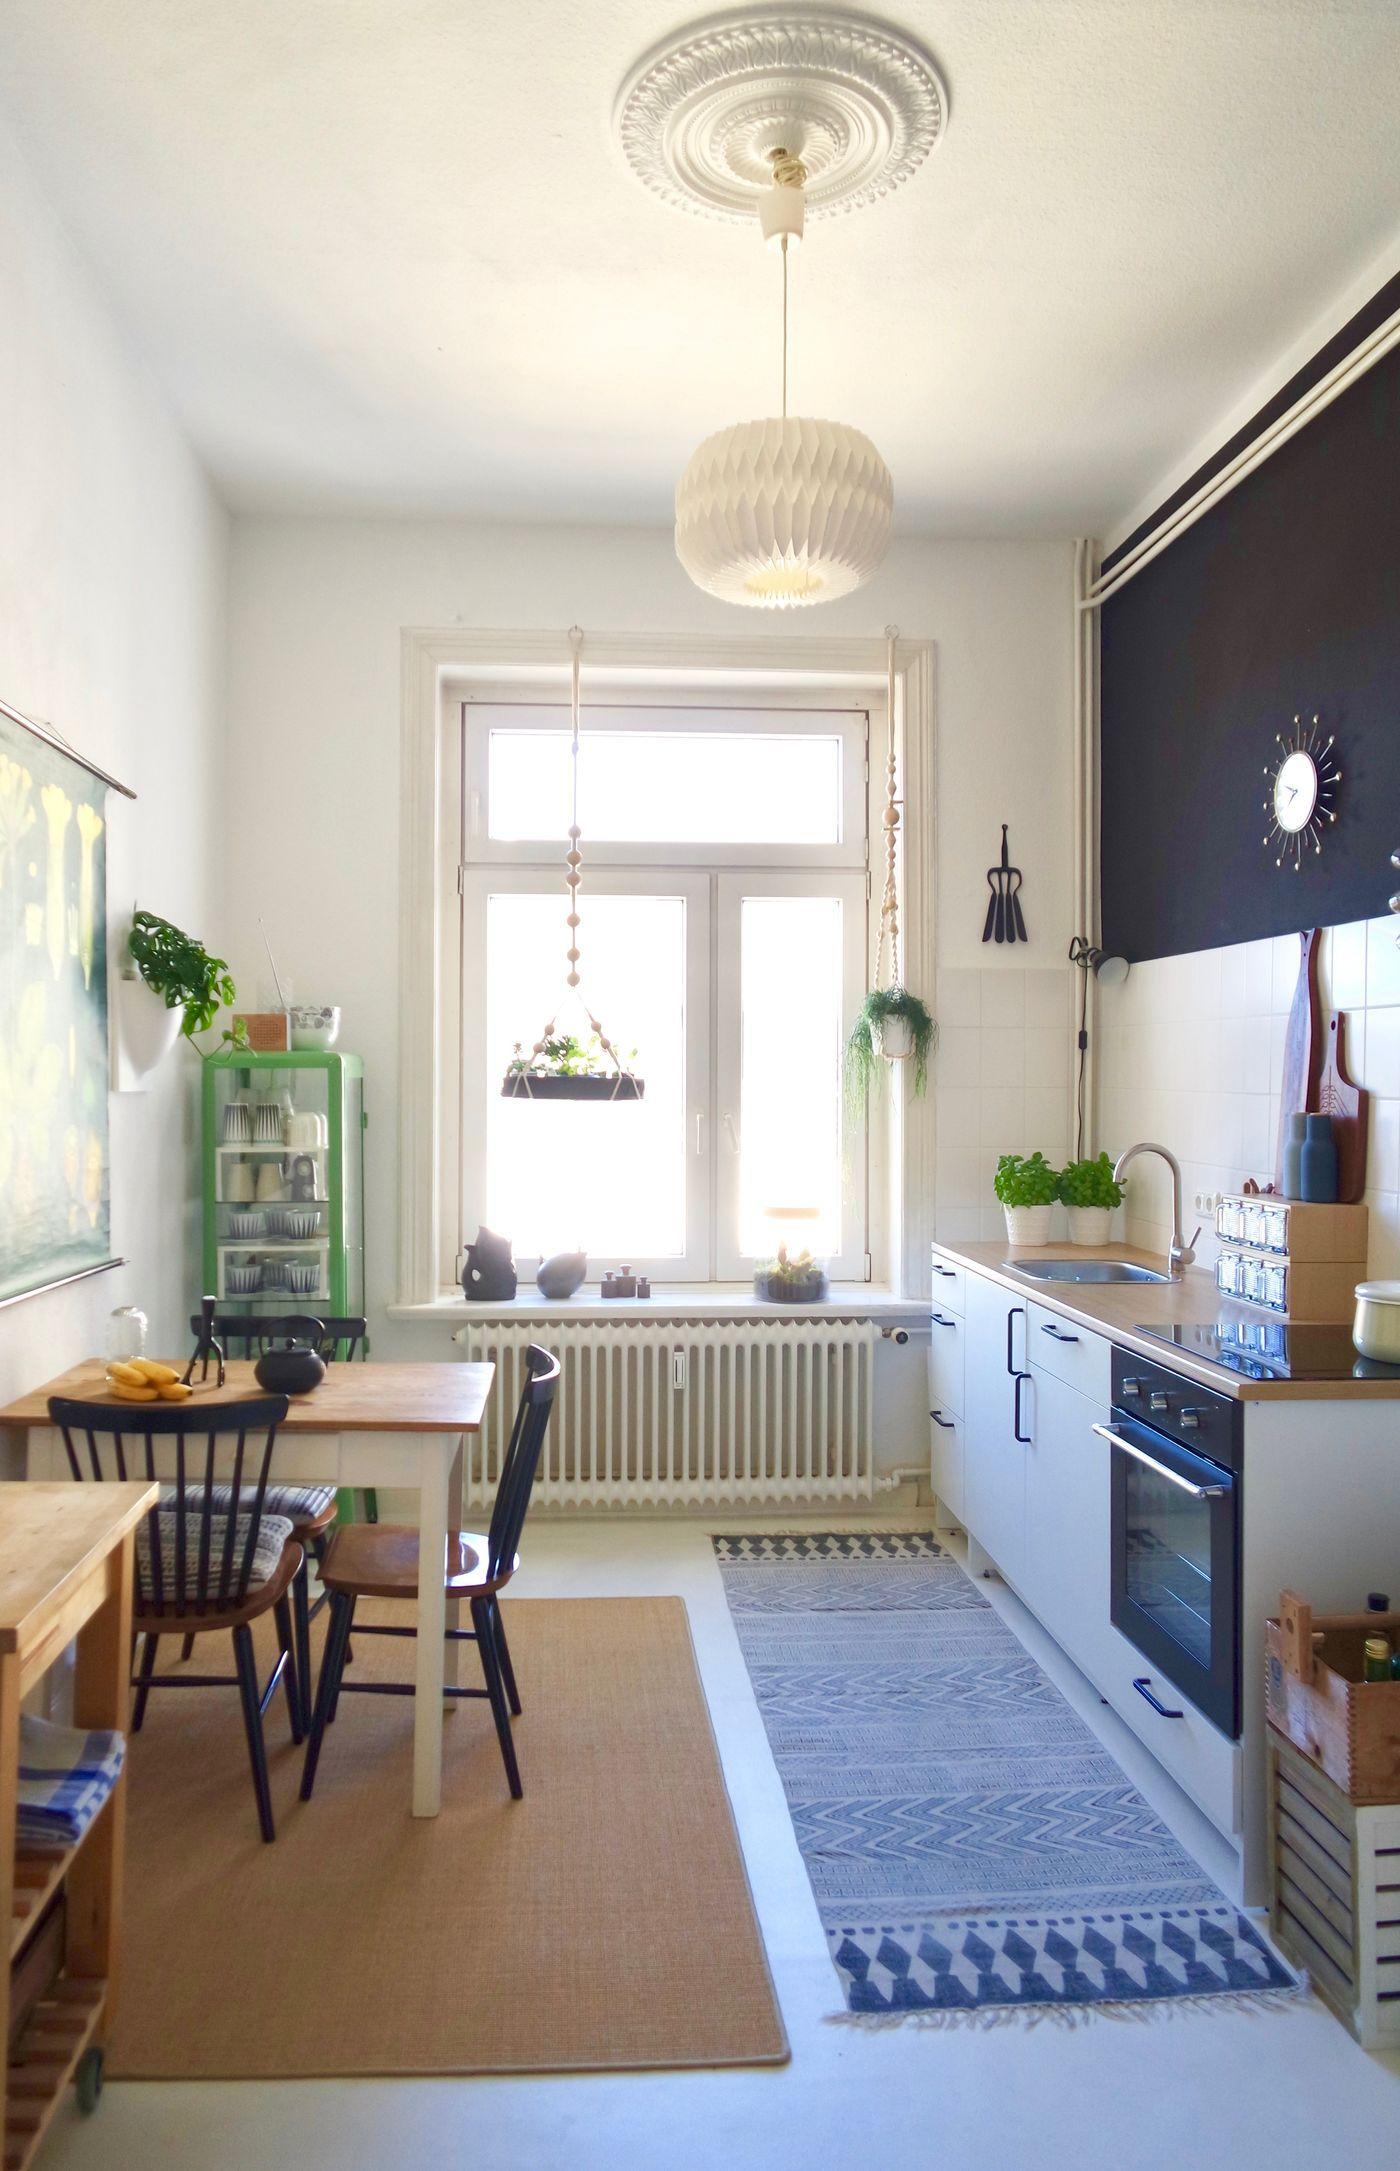 Full Size of Weiße Küche Wandfarbe Schne Ideen Fr In Der Kche Weißes Schlafzimmer Hängeschrank Teppich Für Ebay Einbauküche Eckschrank Modulare Mit E Geräten Wohnzimmer Weiße Küche Wandfarbe